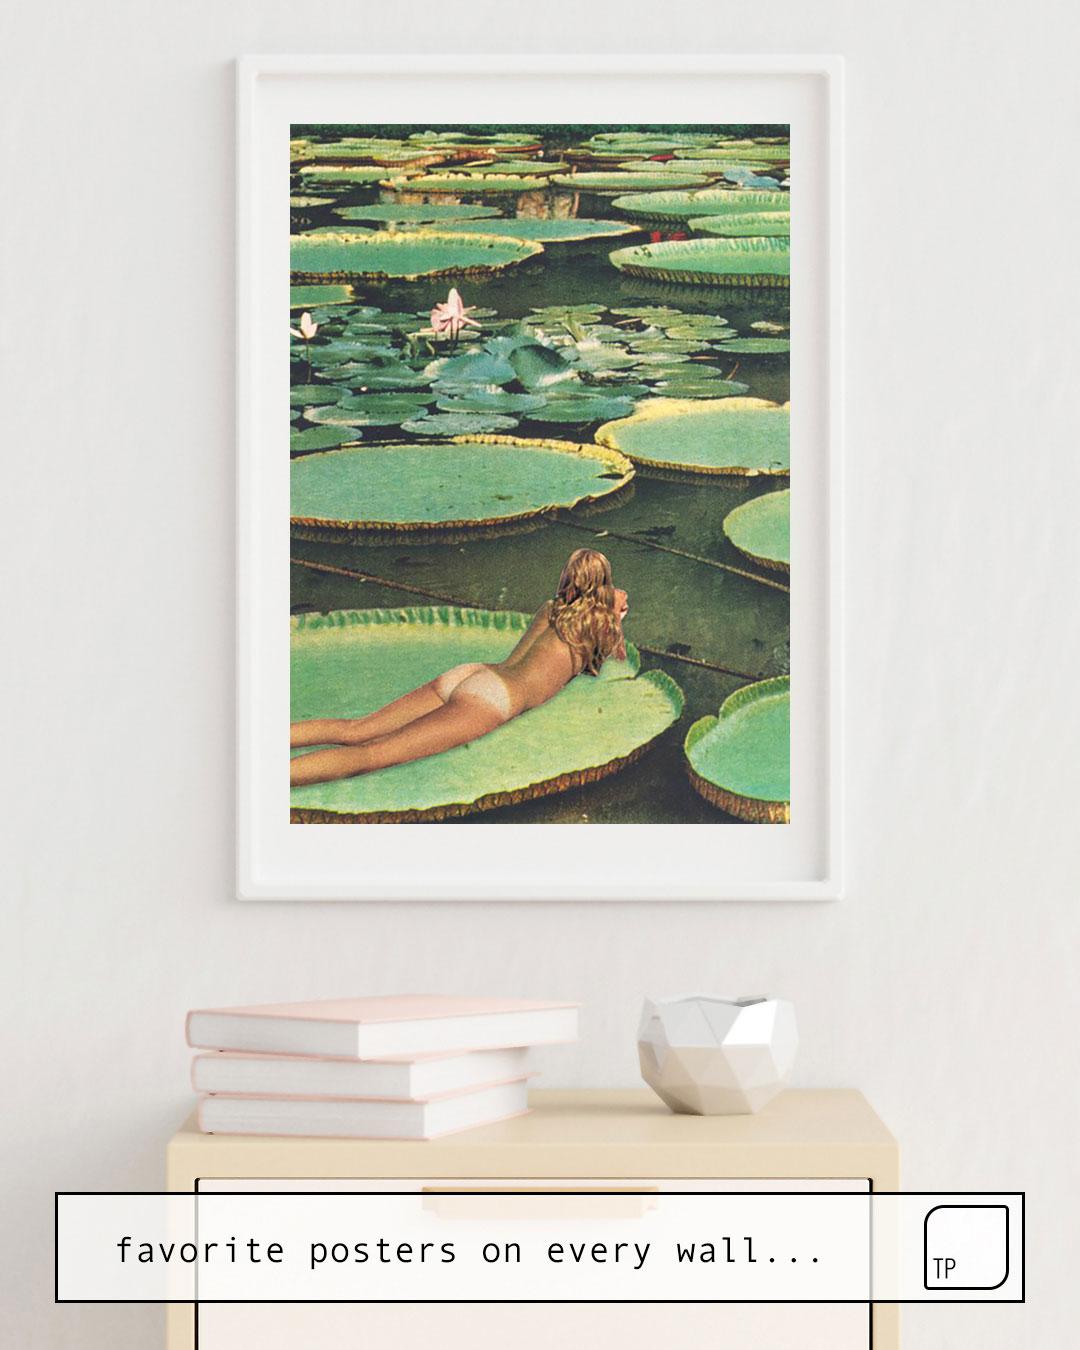 La photo montre un exemple d'ameublement avec le motif LILY POND LANE par Beth Hoeckel comme peinture murale